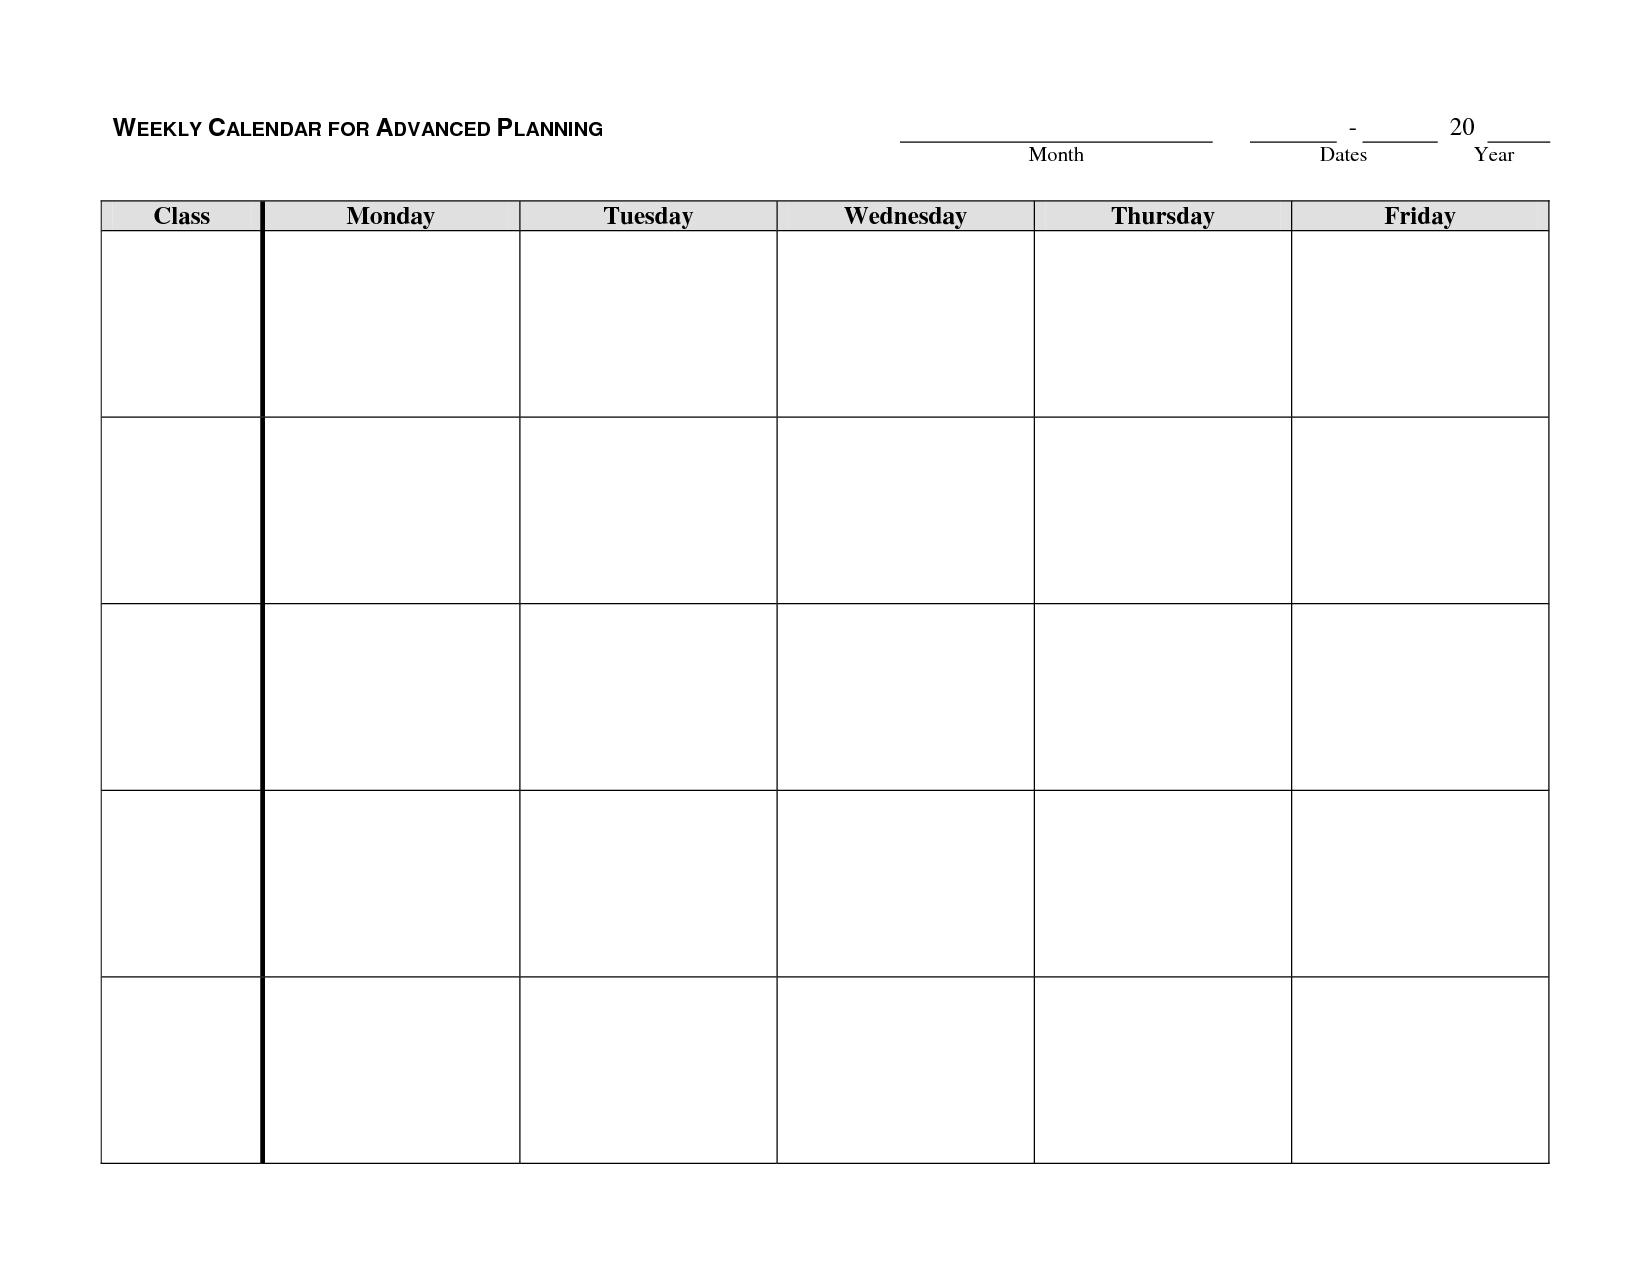 Monday To Friday Blank Calendar   Calendar Template Printable Monday To Friday Tempate Printable